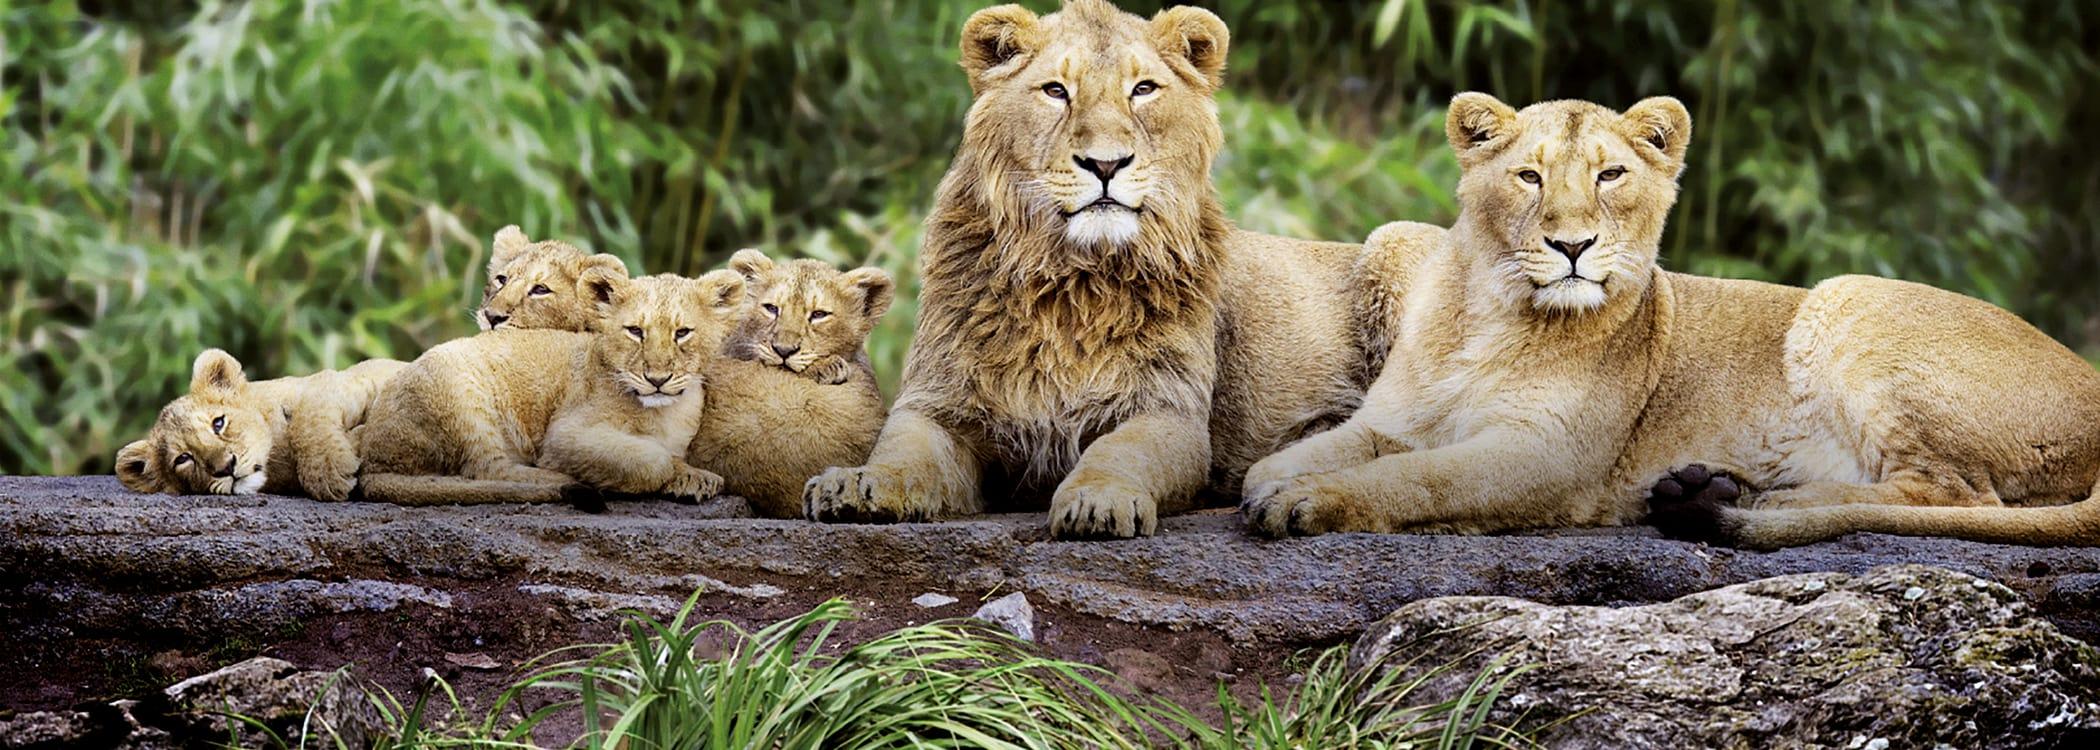 Indische Löwen im Zoo Zürich.